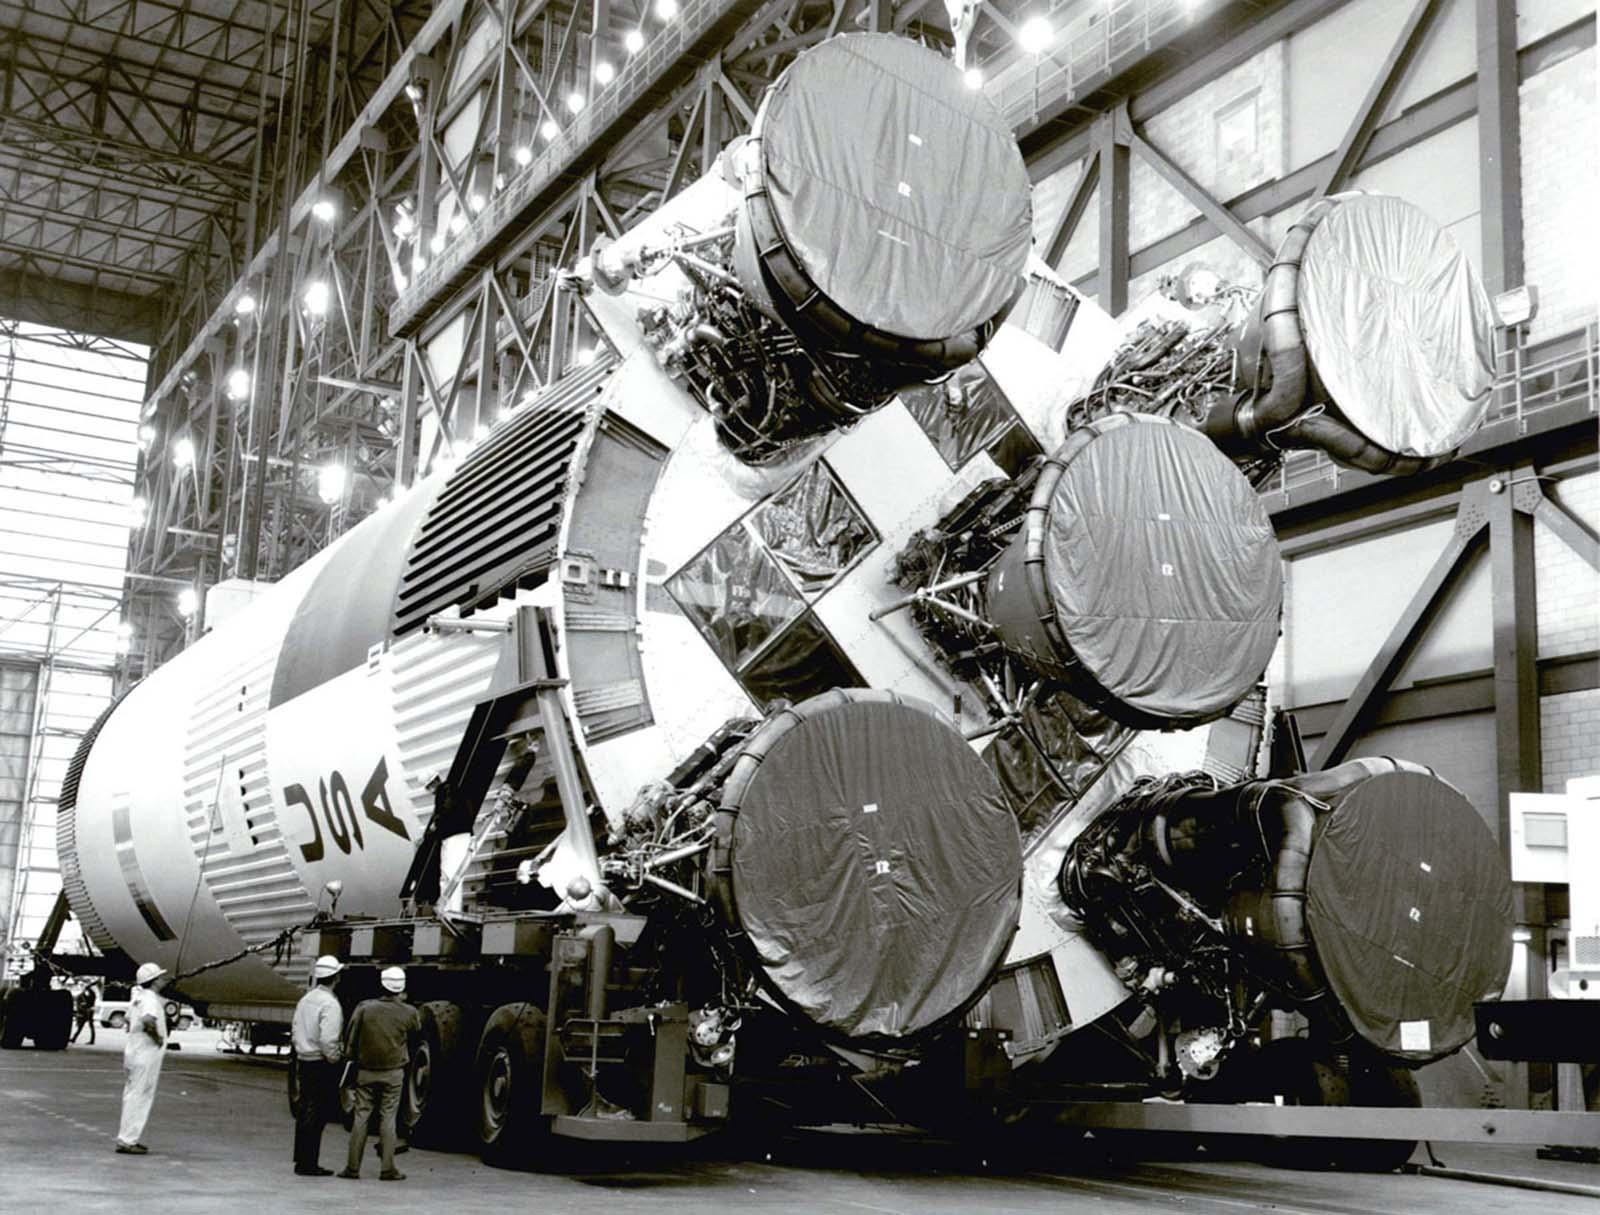 Apollo 11 preparation%2B%25284%2529 - Fotos raras da preparação de Neil Armstrong antes de ir a Lua